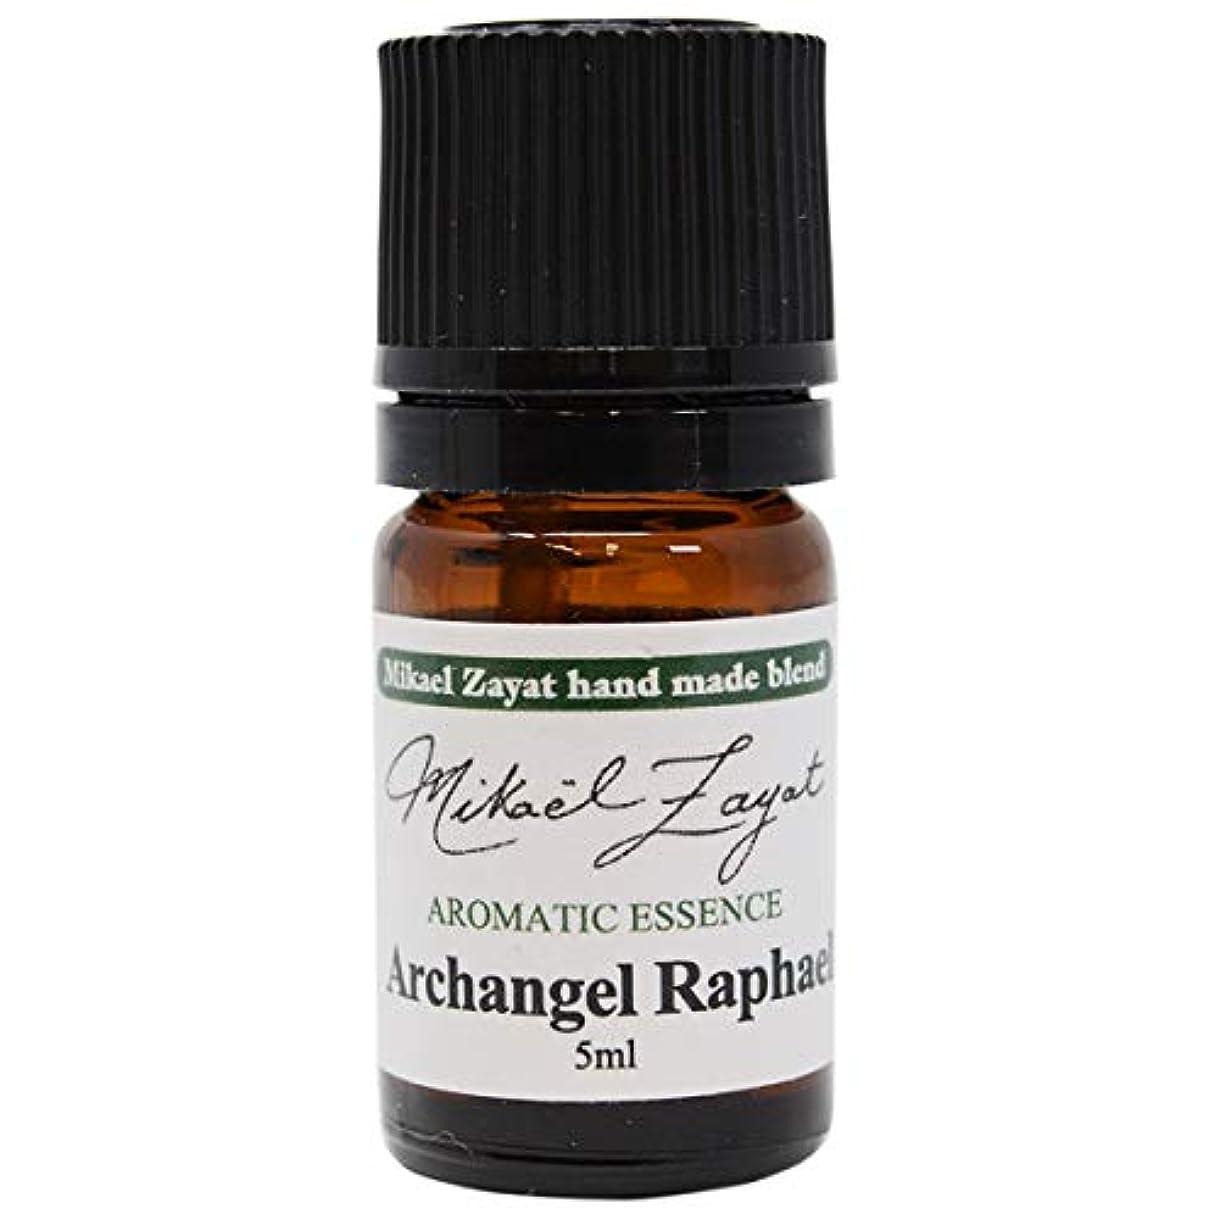 オズワルド呼び起こすかけがえのないミカエルザヤット 大天使ラファエル ArchAngel Raphael 5ml Mikael Zayat hand made blend